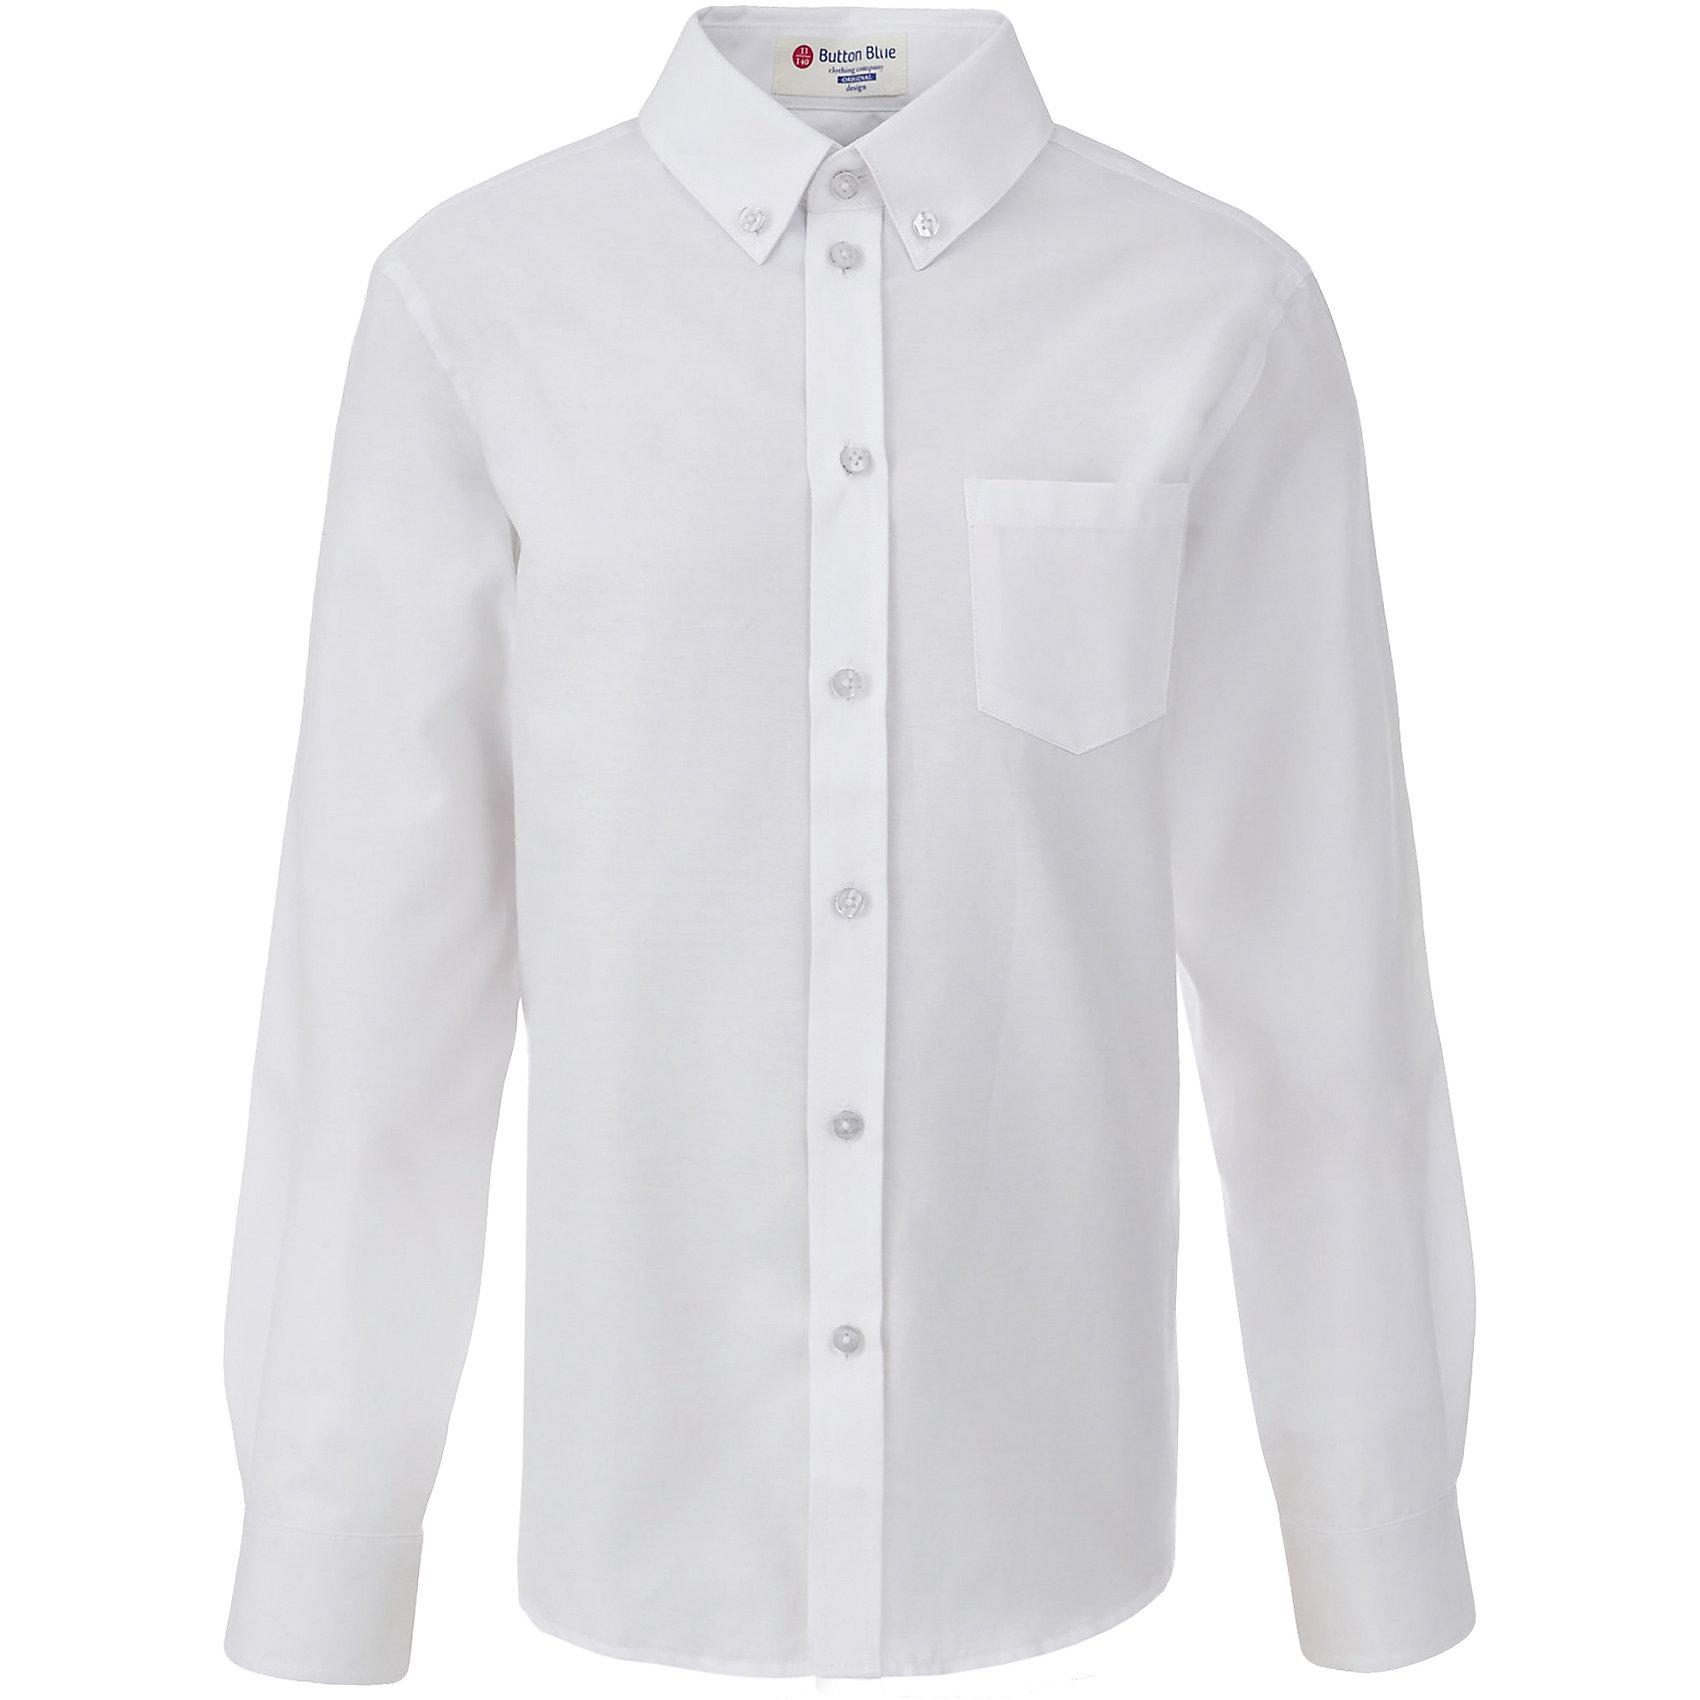 Рубашка для мальчика BUTTON BLUEБлузки и рубашки<br>Рубашка для мальчика BUTTON BLUE<br>Рубашка для мальчика - основа повседневного школьного образа! Школьные рубашки от Button Blue - это качество и комфорт, отличный внешний вид, удобство в уходе, высокая износостойкость. Какая детская рубашка для школы займет место в гардеробе вашего ребенка - зависит только от вас! Готовясь к школьному сезону, вам стоит купить рубашки в трех-четырех цветах, чтобы разнообразить будни ученика.<br>Состав:<br>60% хлопок                40% полиэстер<br><br>Ширина мм: 174<br>Глубина мм: 10<br>Высота мм: 169<br>Вес г: 157<br>Цвет: белый<br>Возраст от месяцев: 156<br>Возраст до месяцев: 168<br>Пол: Мужской<br>Возраст: Детский<br>Размер: 164,122,128,134,140,146,152,158<br>SKU: 6739153